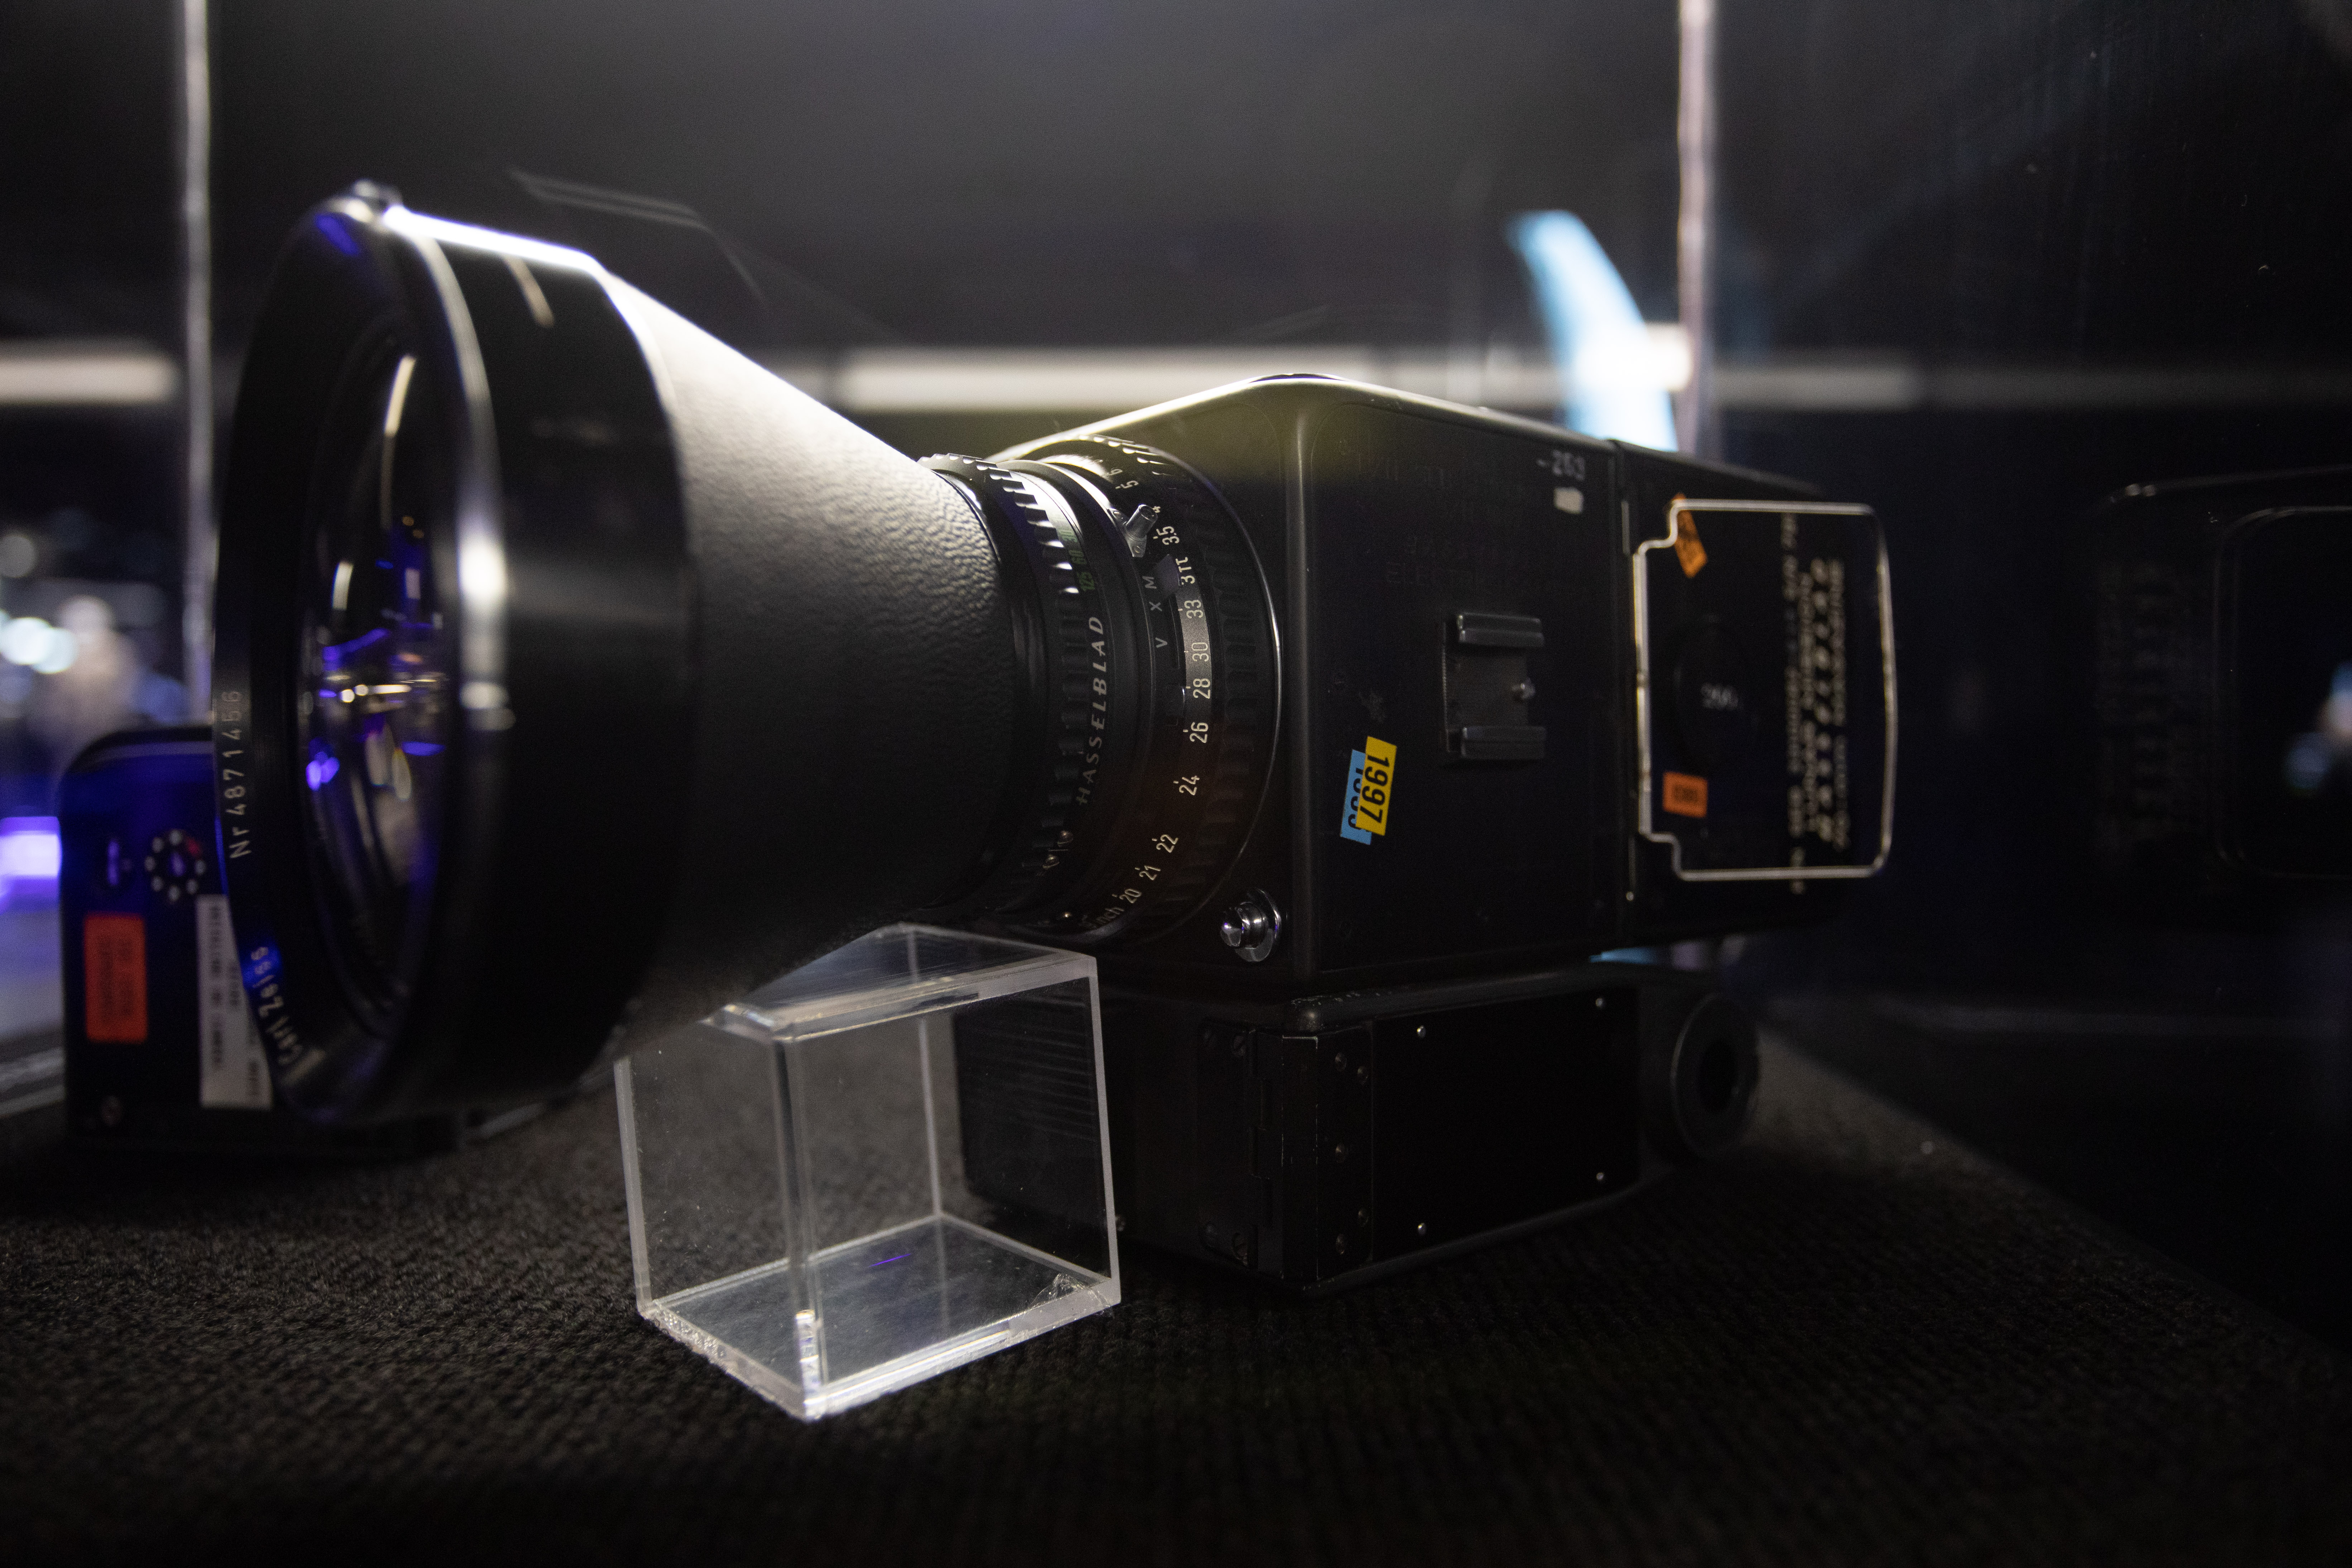 Câmera espacial preta aparece na foto.